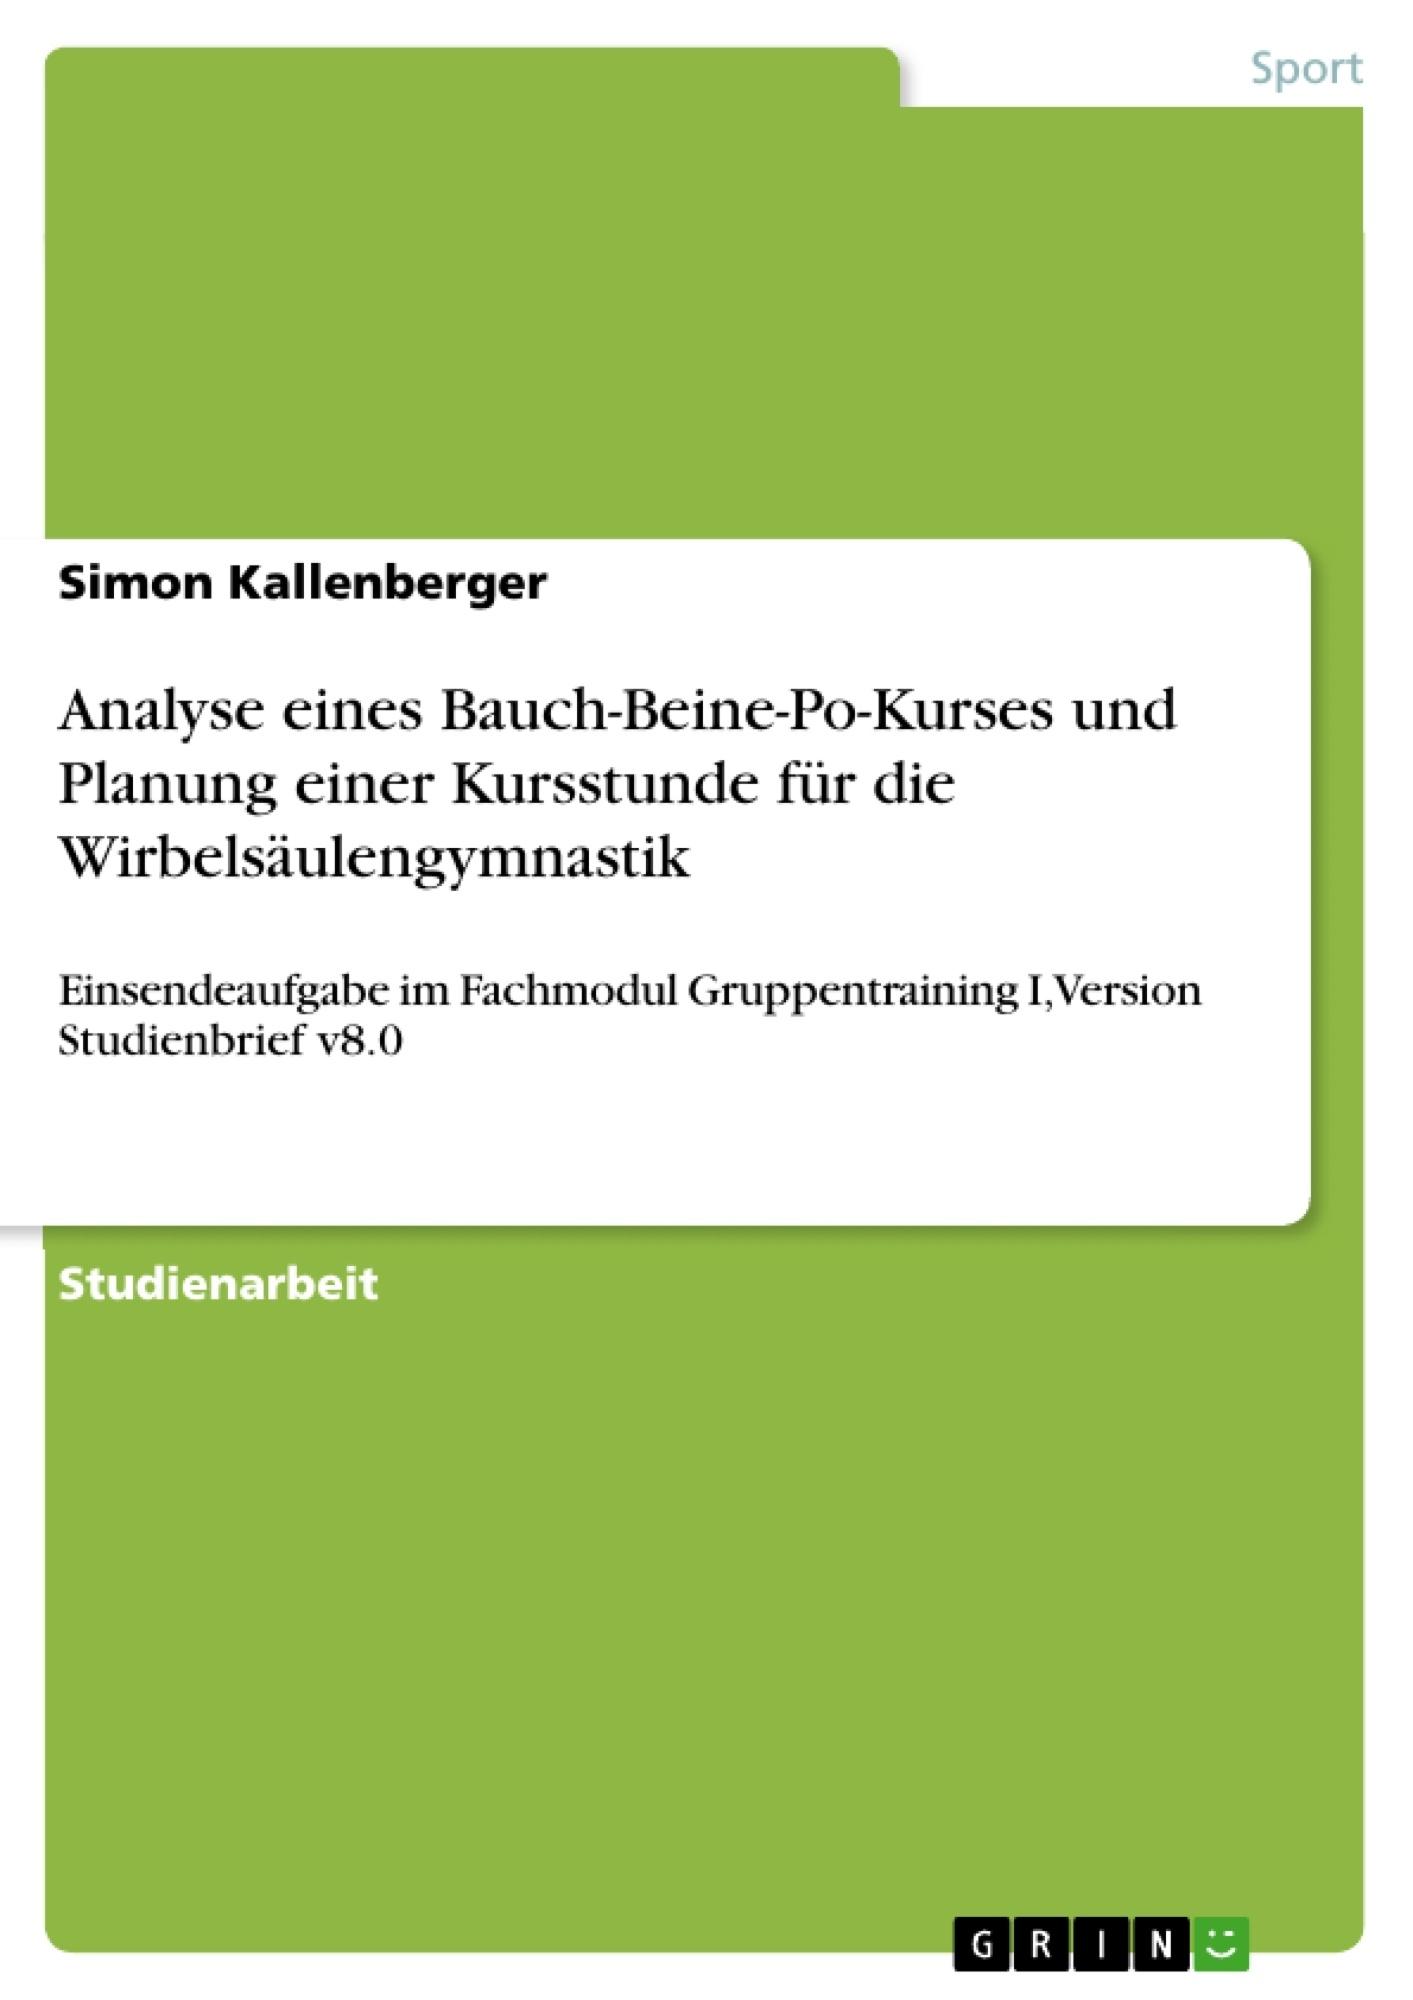 Titel: Analyse eines Bauch-Beine-Po-Kurses und Planung einer Kursstunde für die Wirbelsäulengymnastik